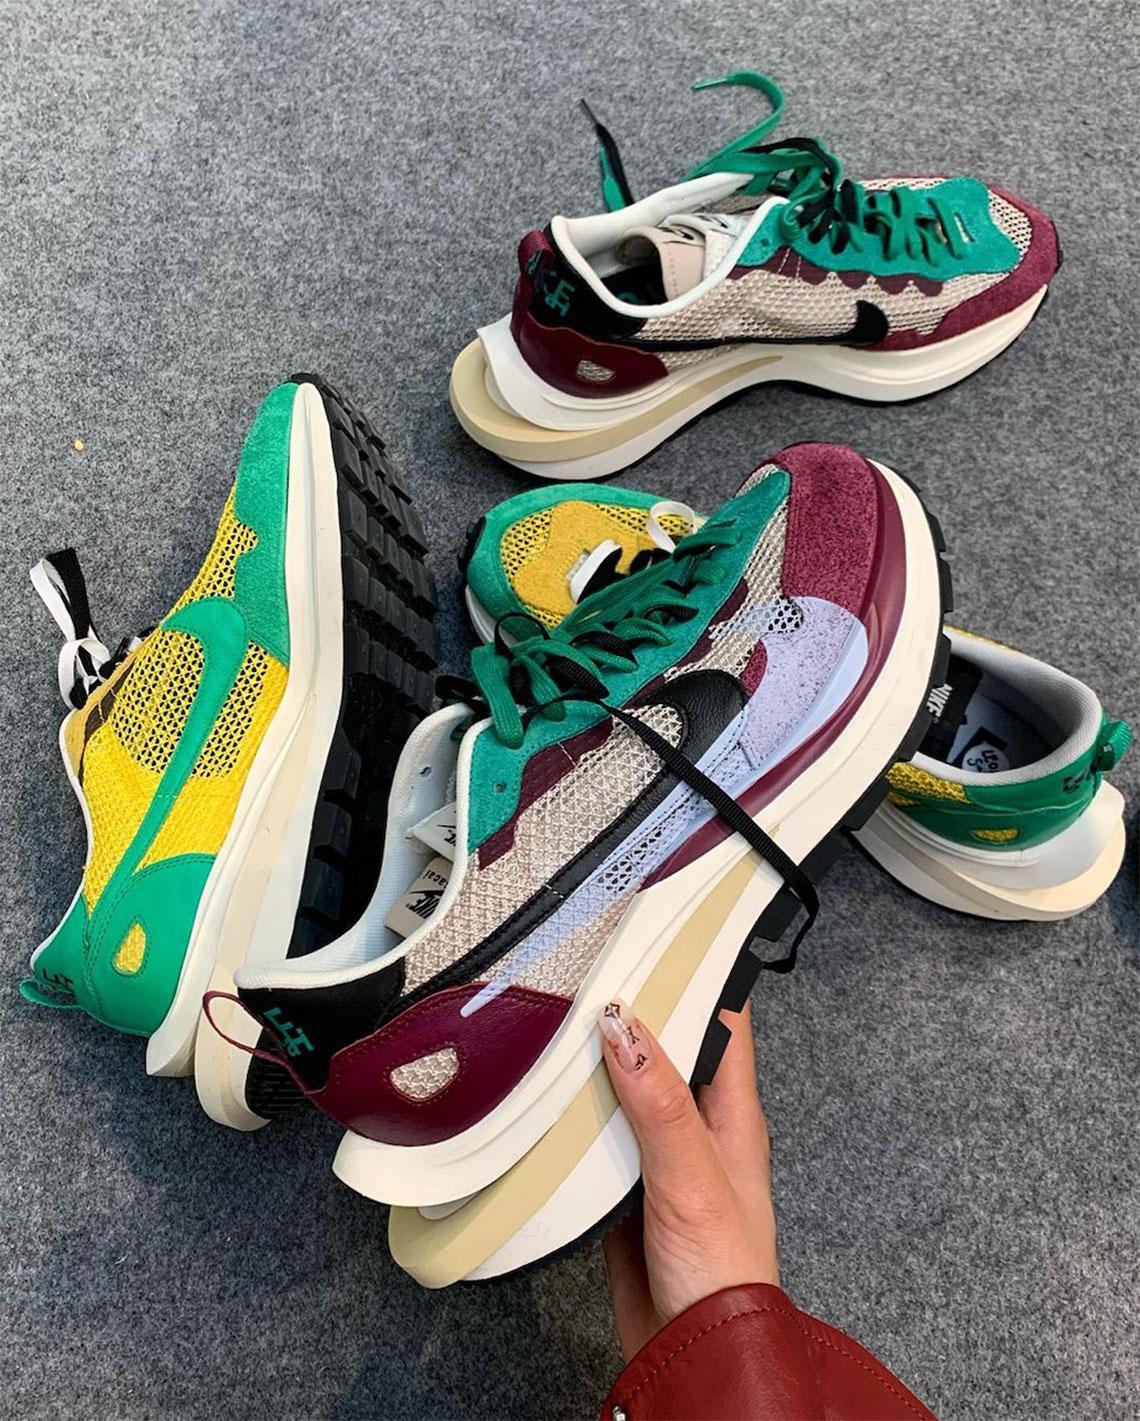 sacai Nike Vaporwaffle Fall 2020